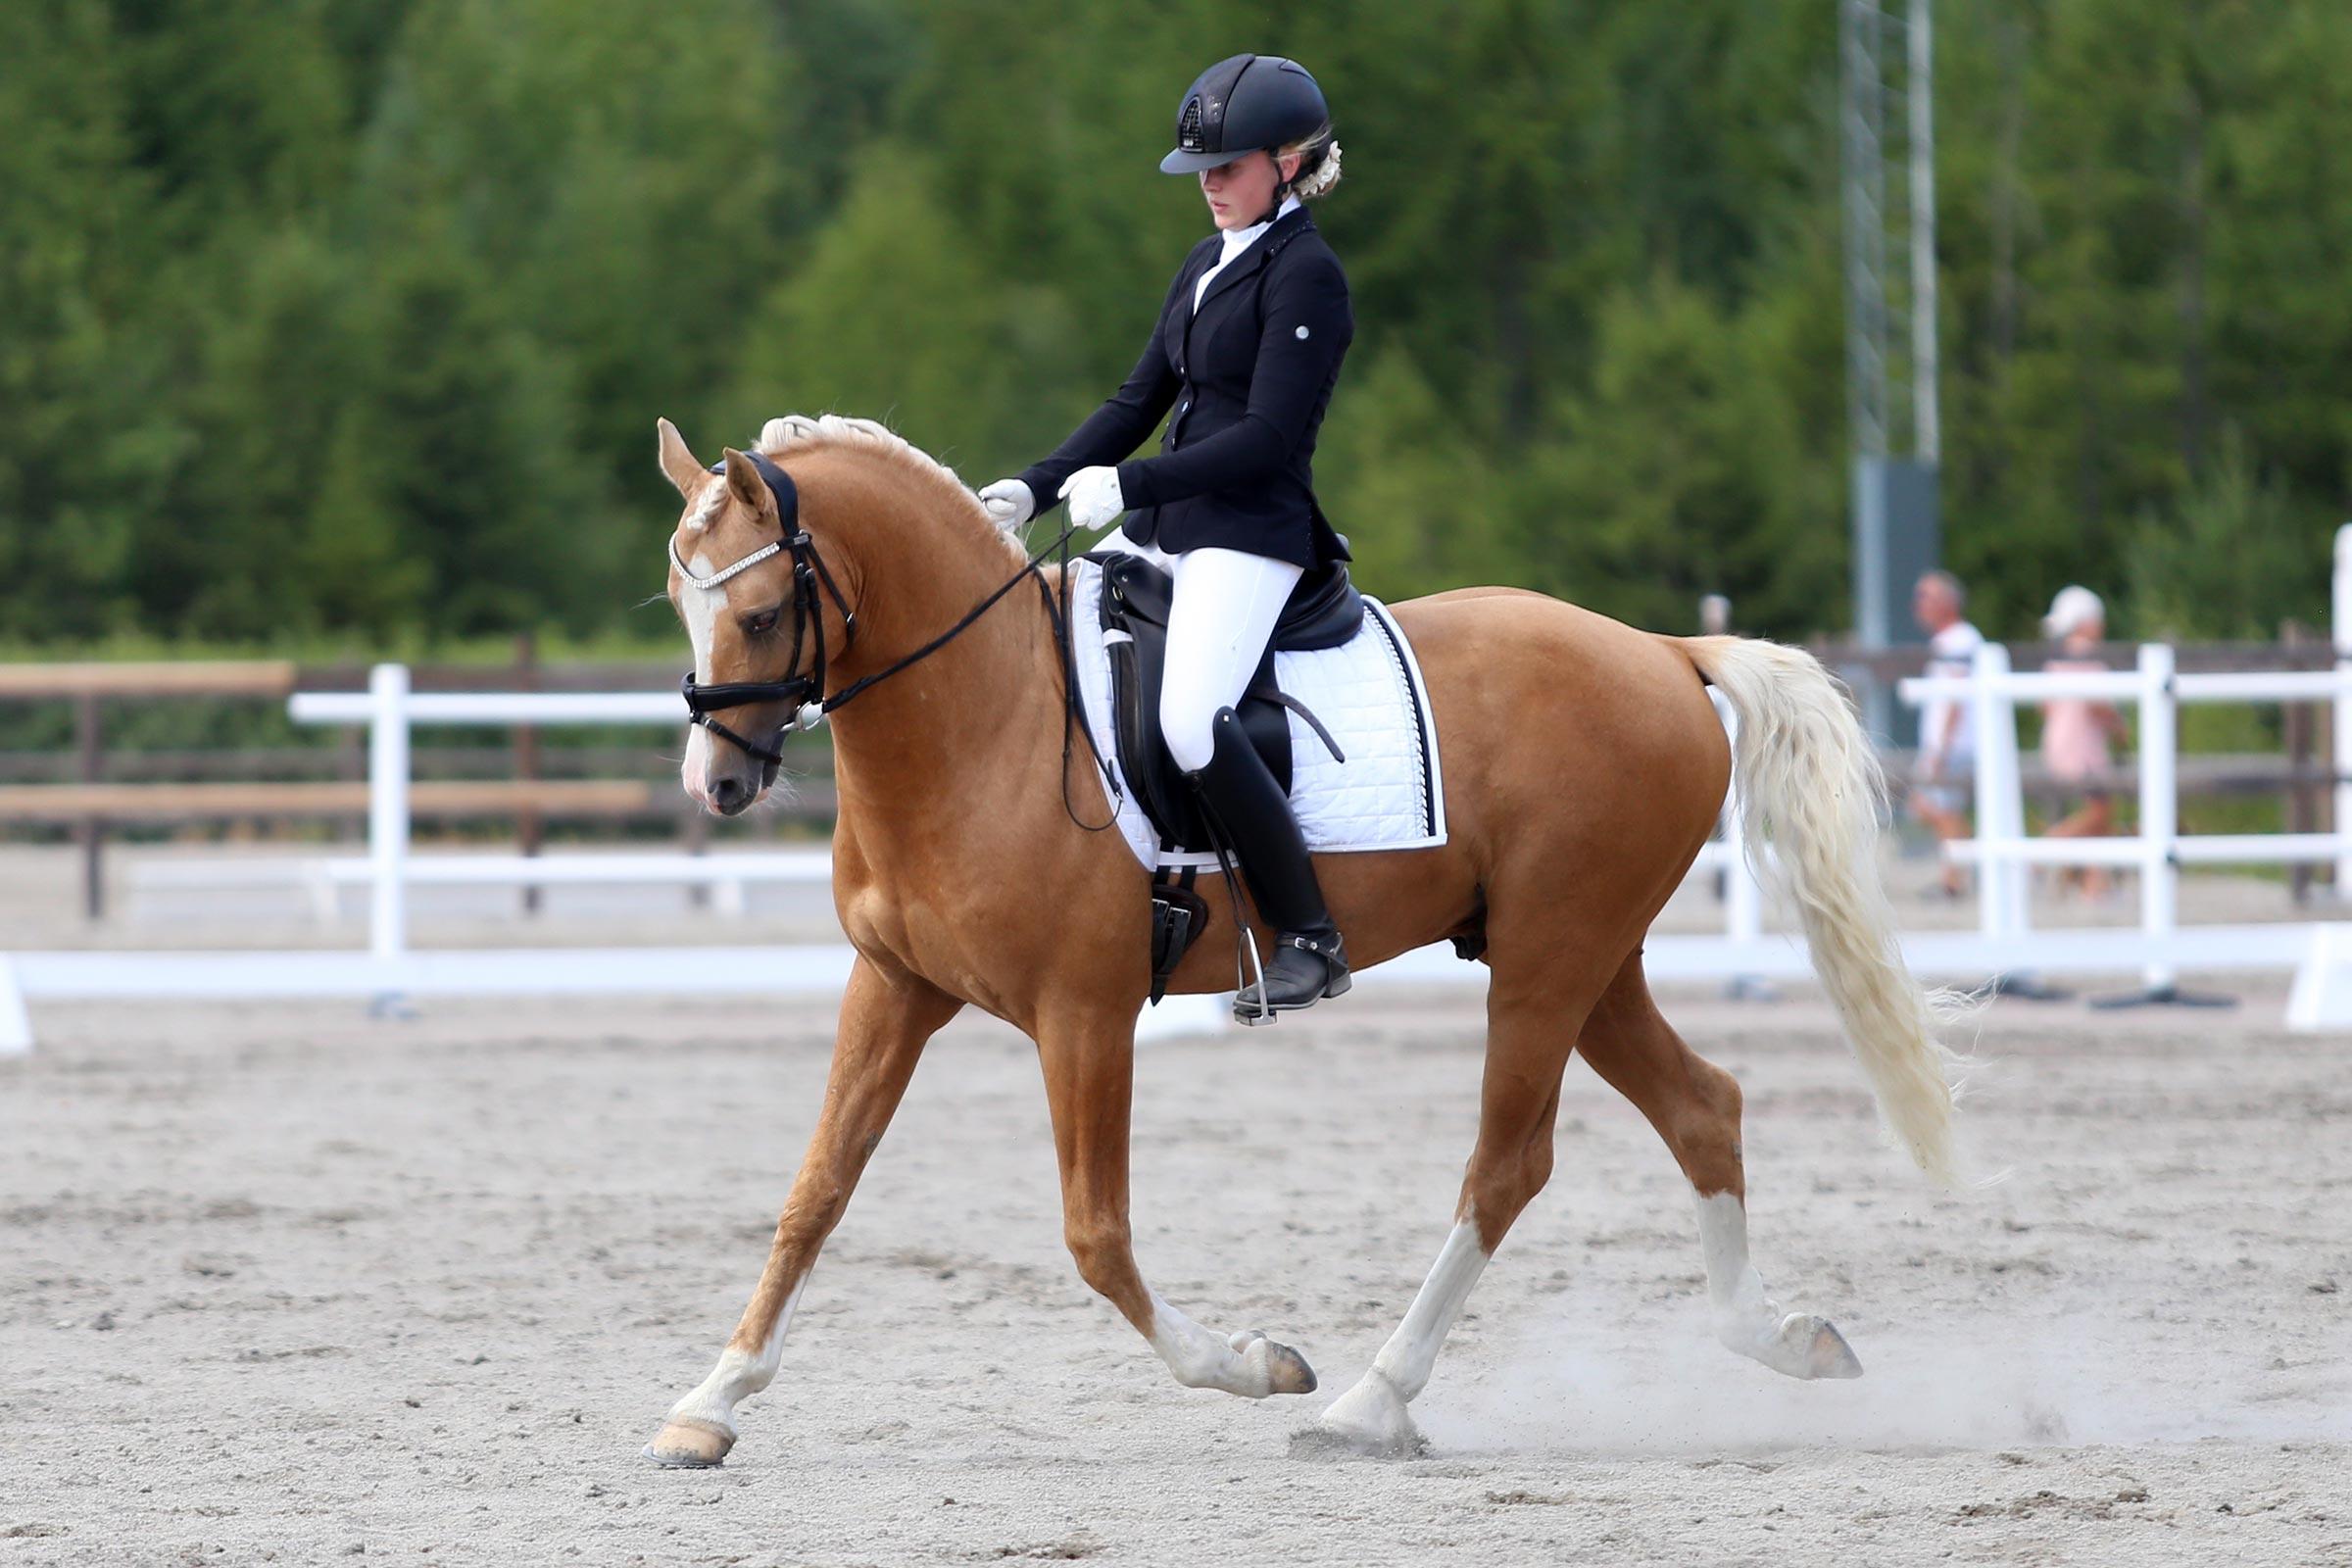 Guld: Kelly Nilsson - Cartier RP 164 (ASRP hingst f-05 e Deinhard B-Brillant, uppf Tord & Ruth Börjesson)